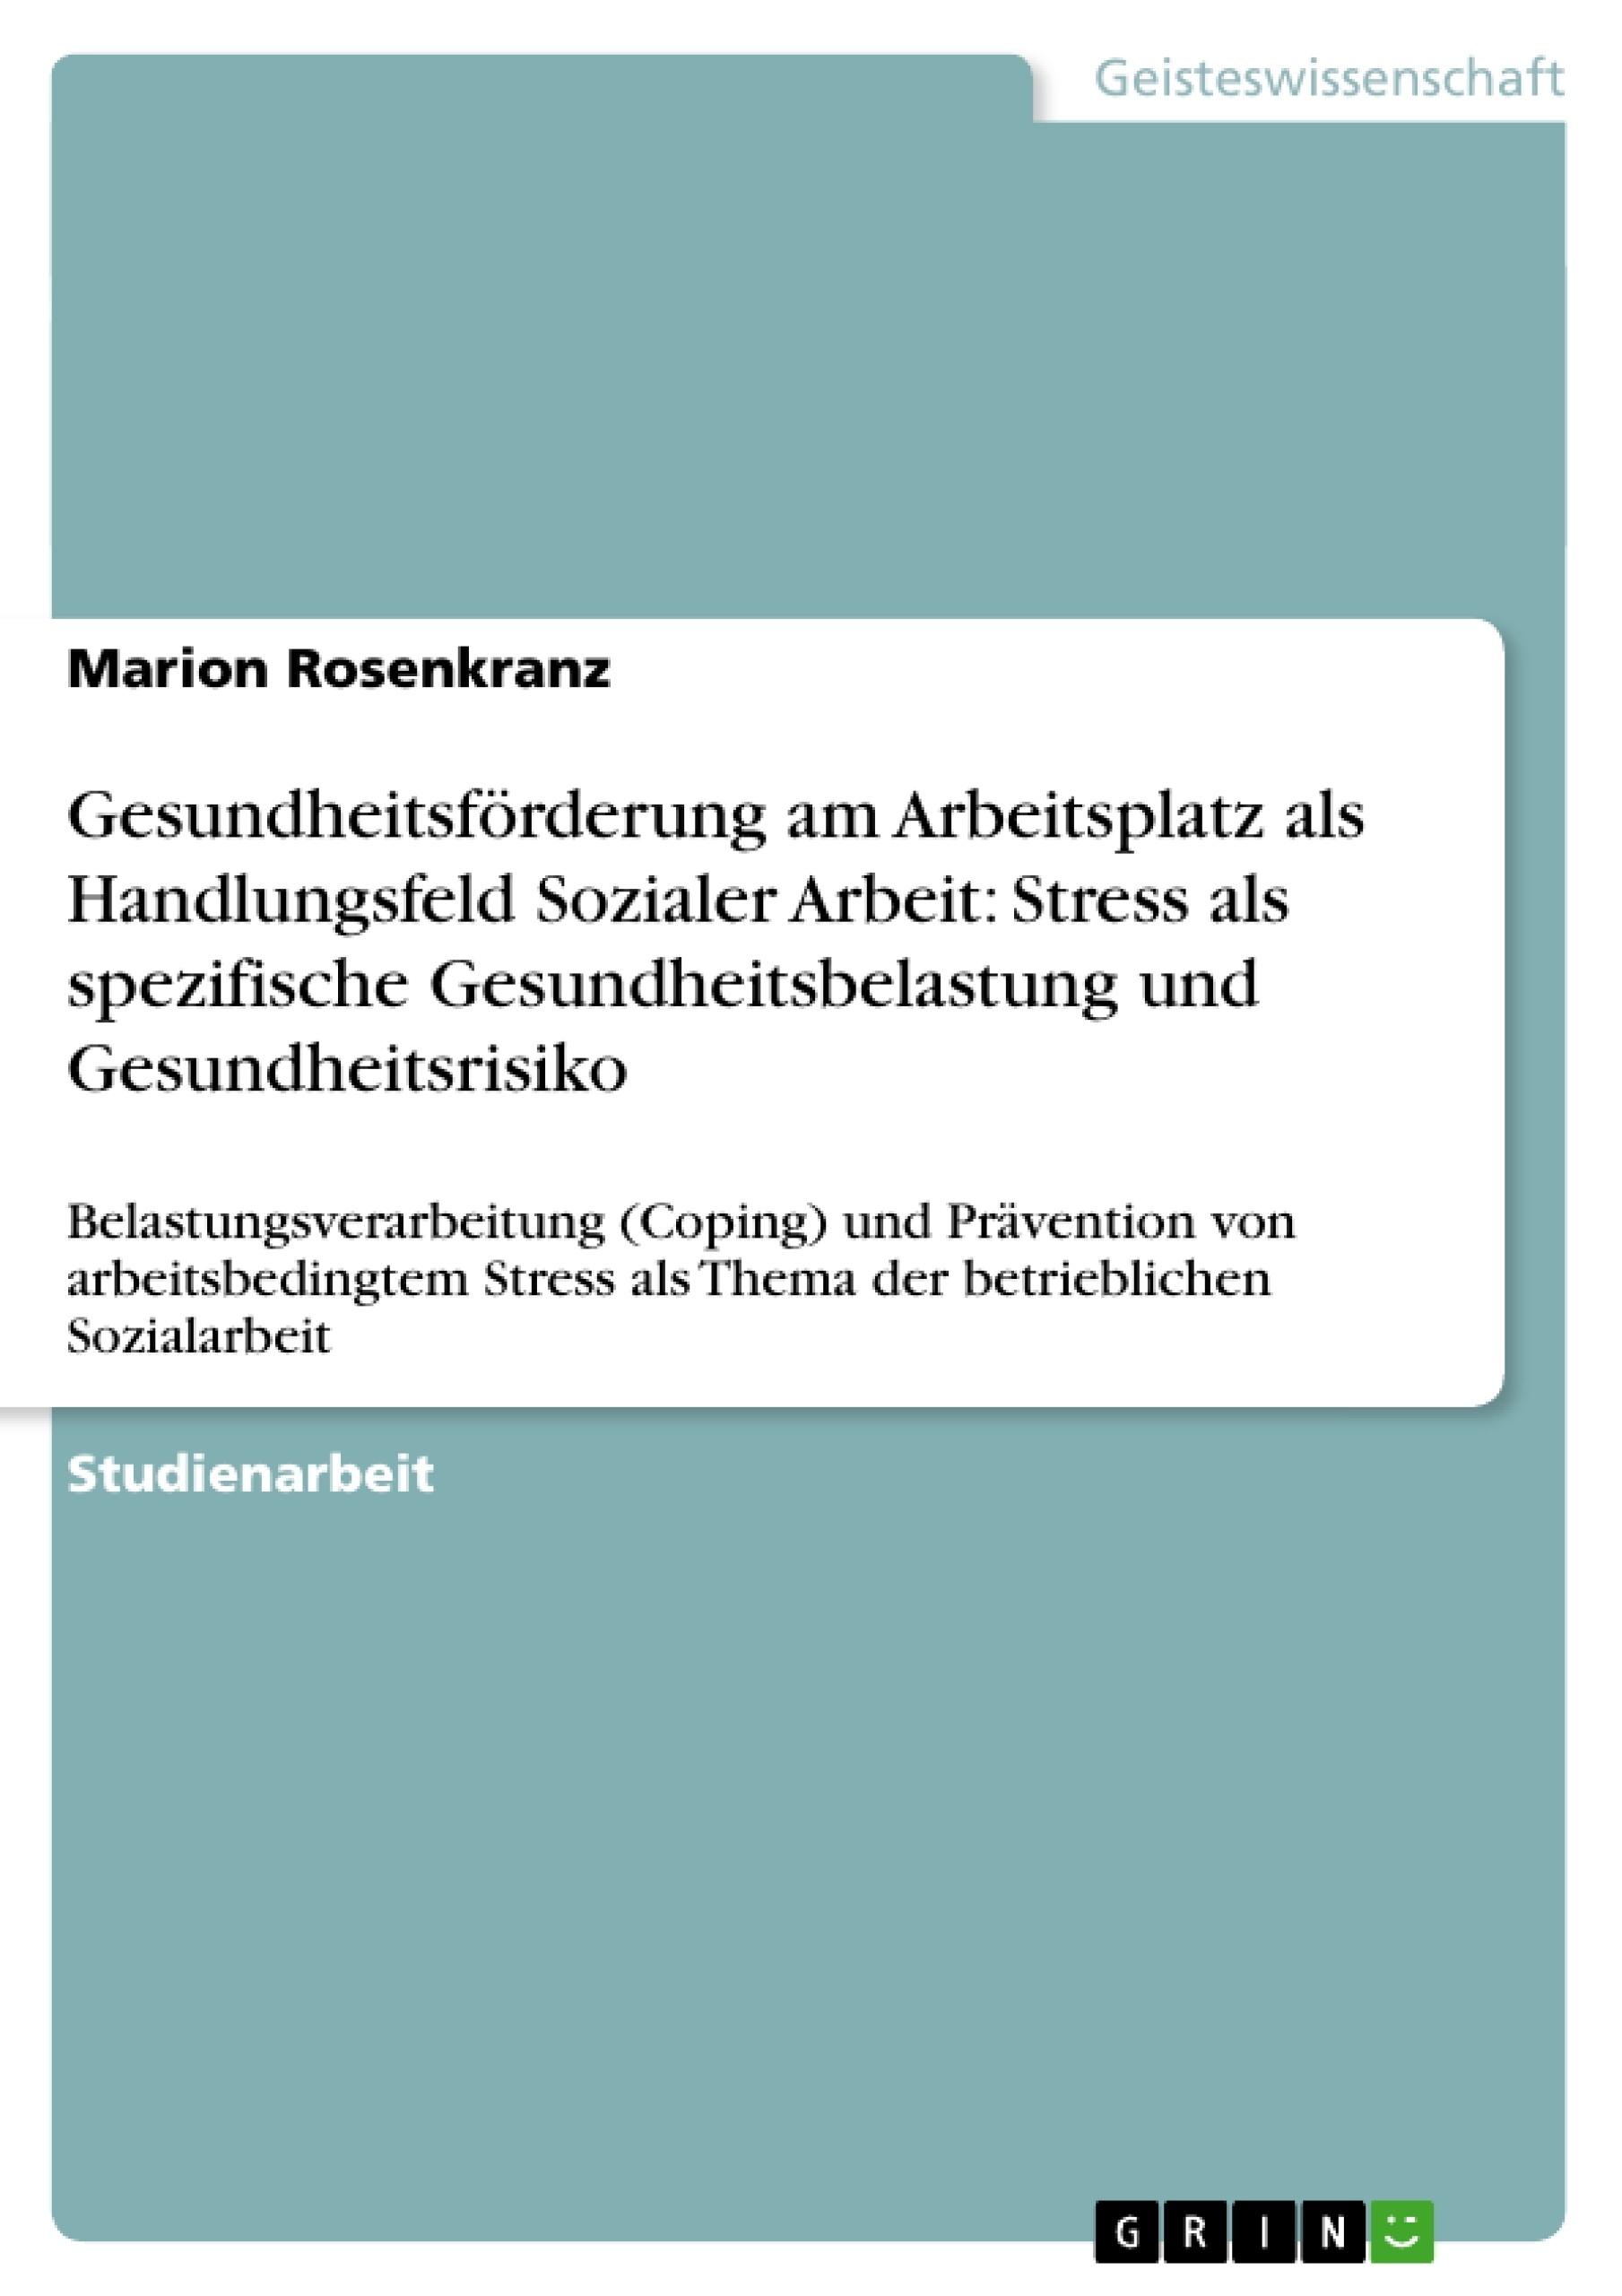 Titel: Gesundheitsförderung am Arbeitsplatz als Handlungsfeld Sozialer Arbeit: Stress als spezifische Gesundheitsbelastung und Gesundheitsrisiko